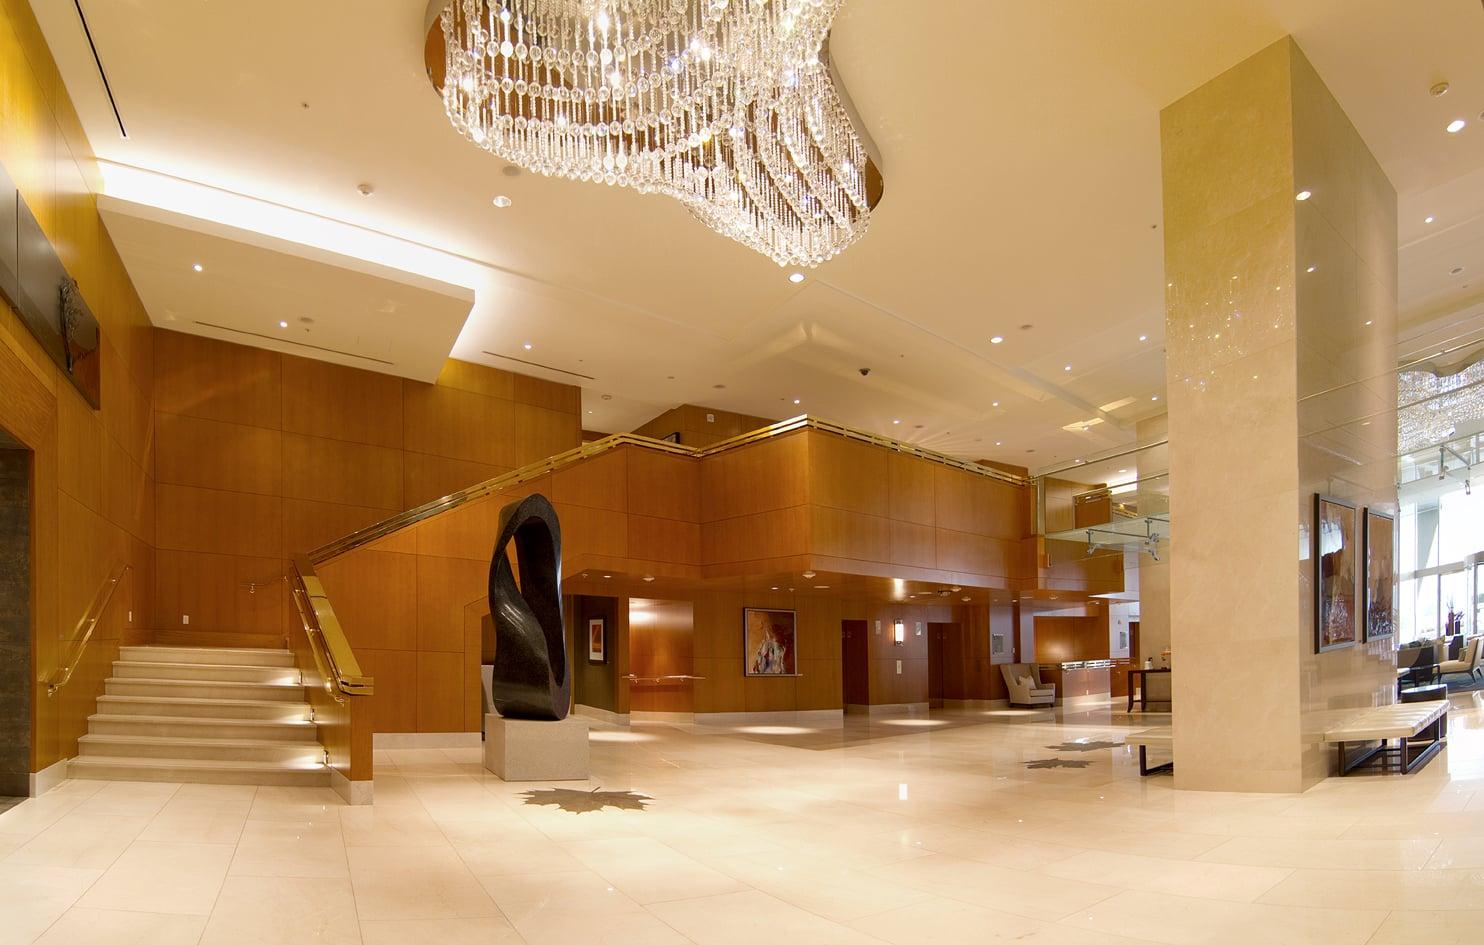 Ritz Carlton Toronto 10 razones para alojarse en The Ritz-Carlton Toronto